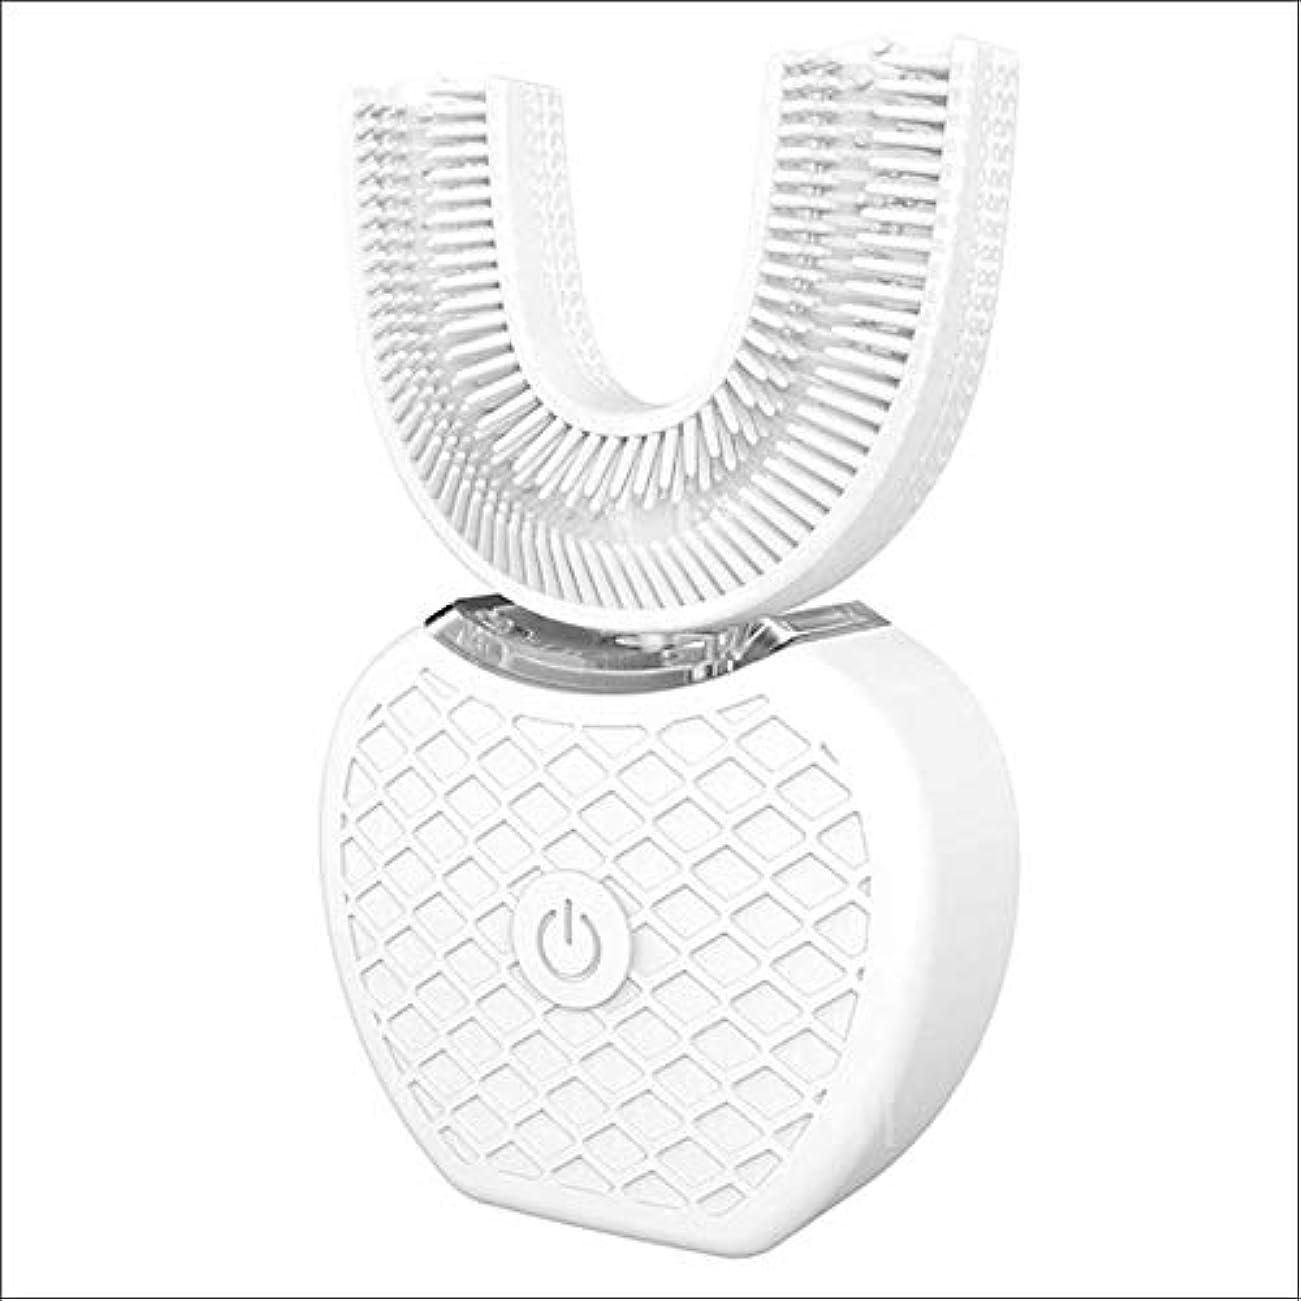 パシフィックライブ食べる[(Gearbest) Gearbest] [Auto 360-degree U-shape Electric Toothbrush Sonic Mouth Cleaner] (並行輸入品)